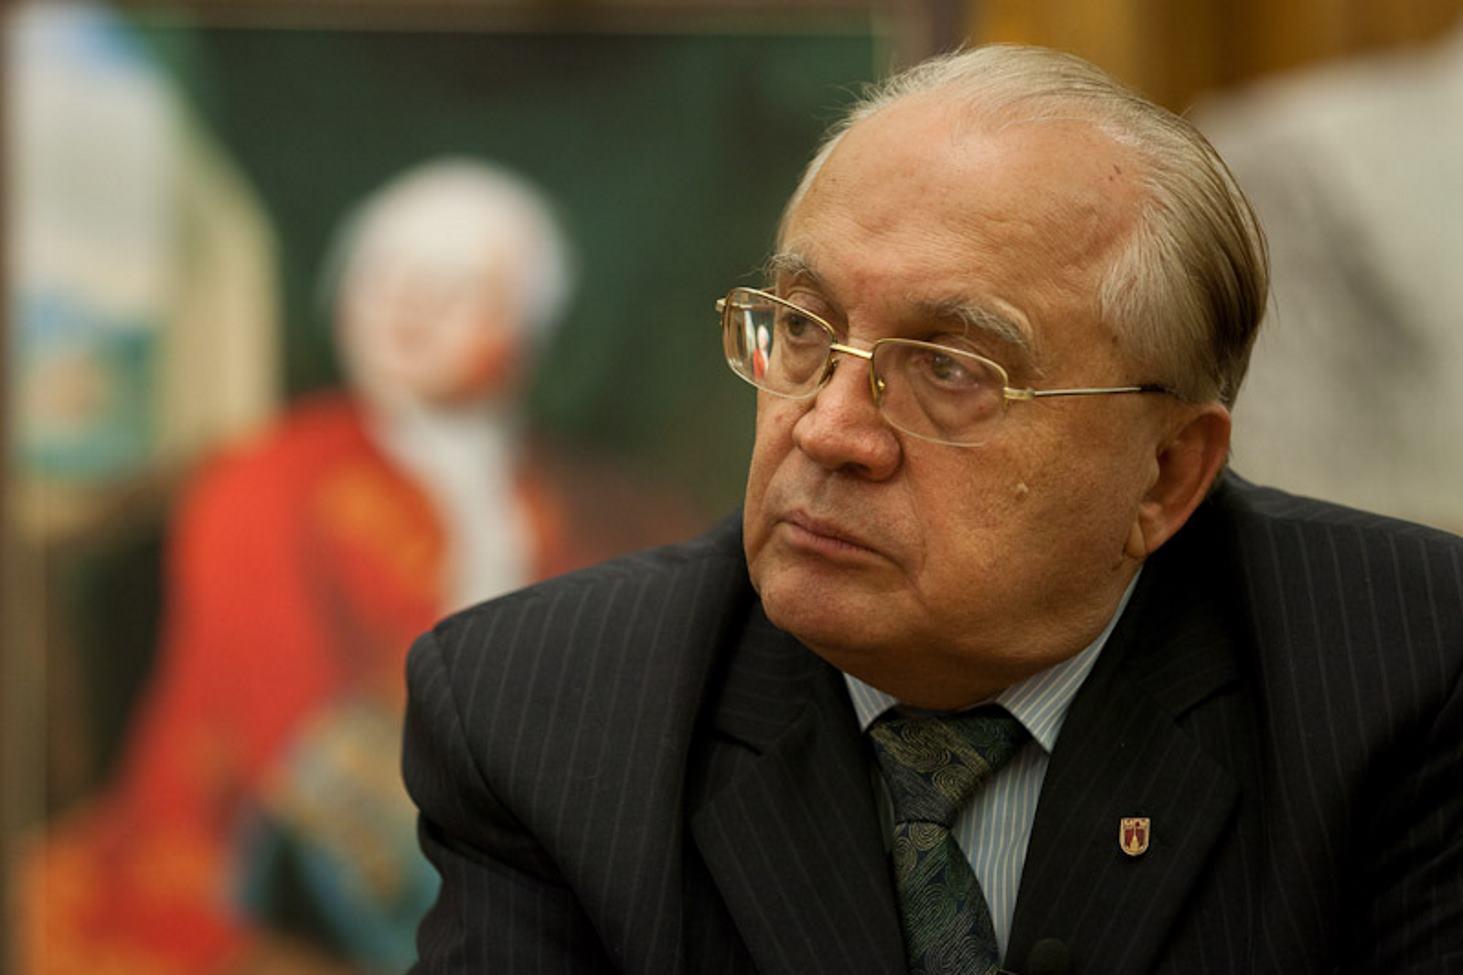 rektor-mgu-predlozhil-prepodavat-tserkovnoslavyanskij-yazyk-v-shkolah